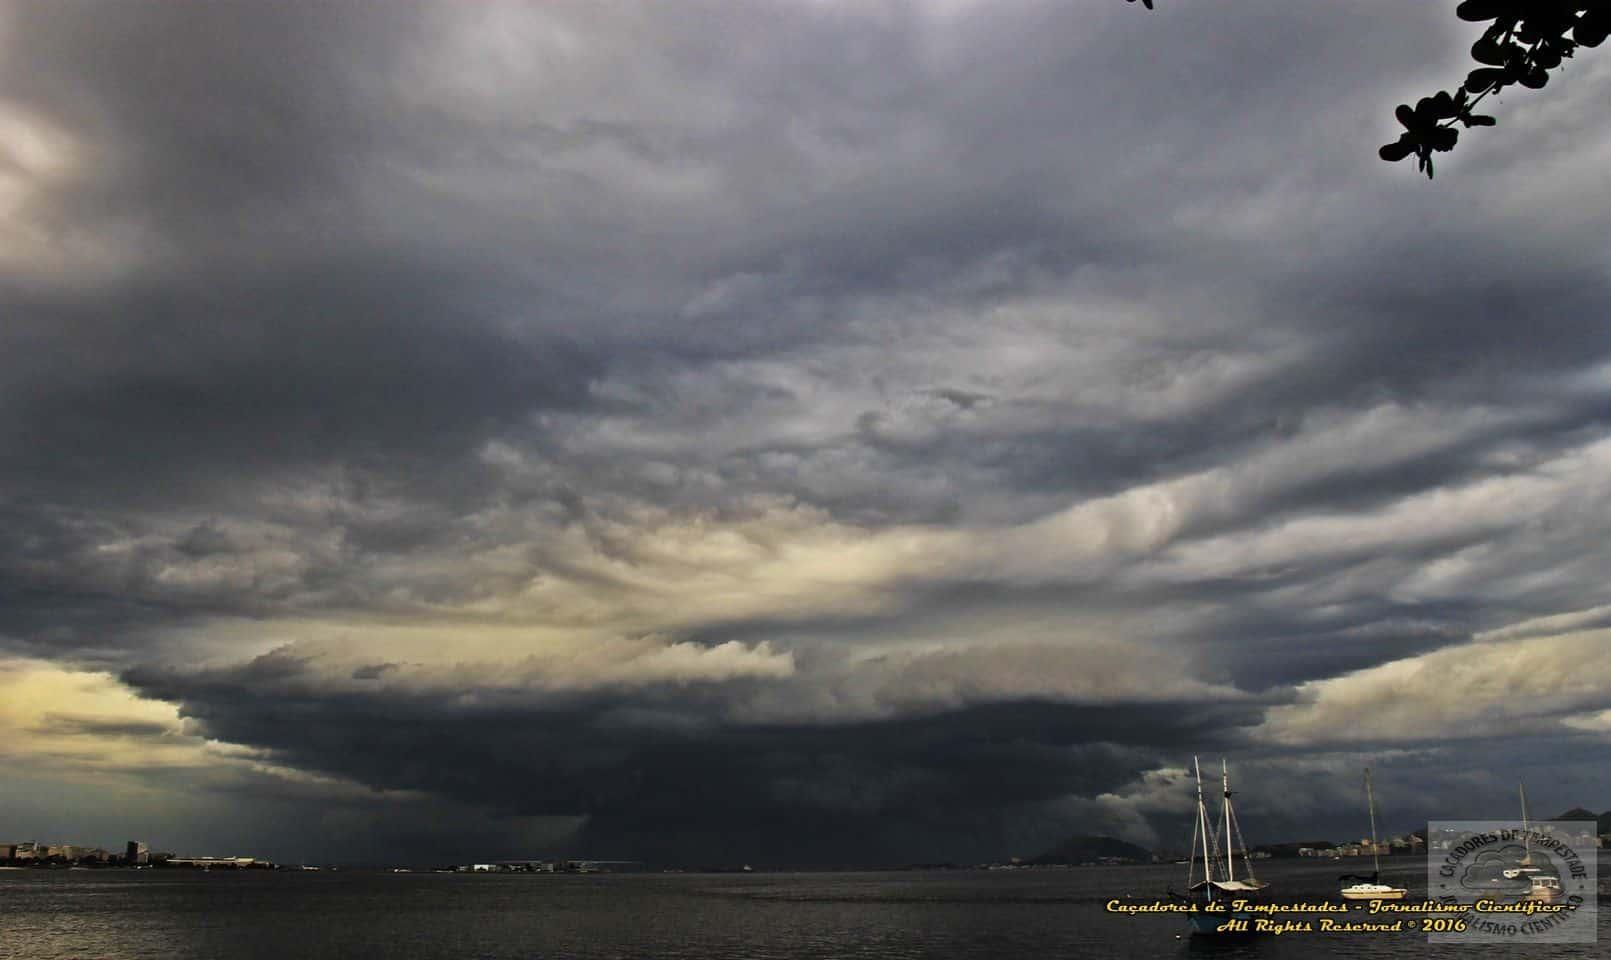 Boa noite Caçadores, um magnífica tempestade, e logo deu a cara, uma Super-Célula linda no RJ. Causando temporais muito forte com rajadas de vendo superior a 100 km, descargas elétricas e granizo!